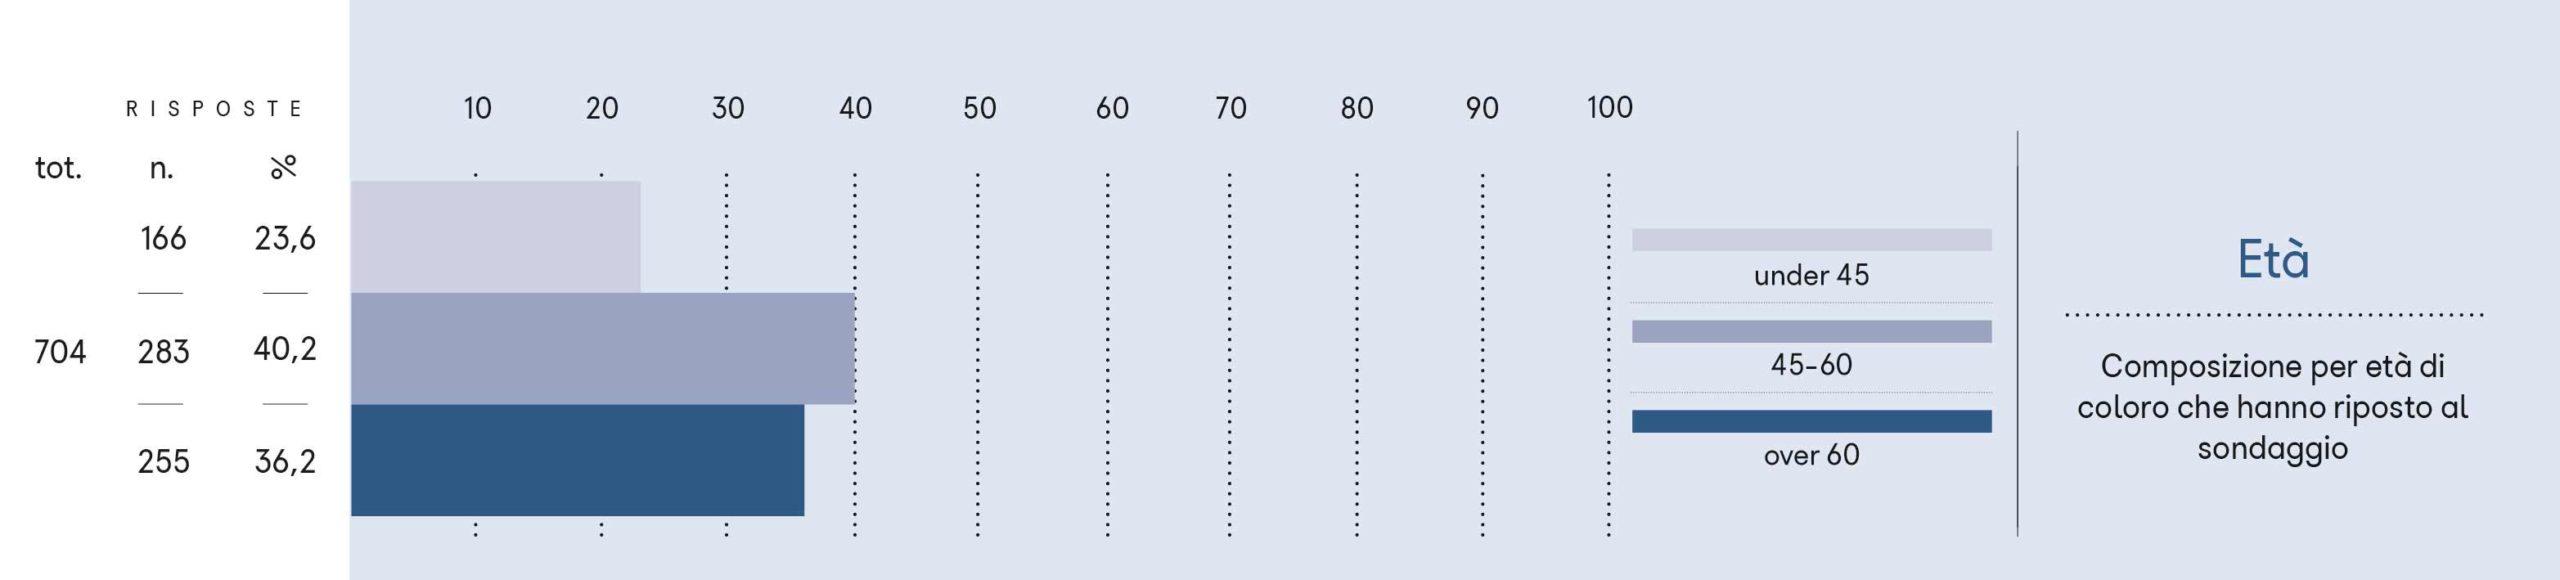 Composizione per età di coloro che hanno riposto al sondaggio.